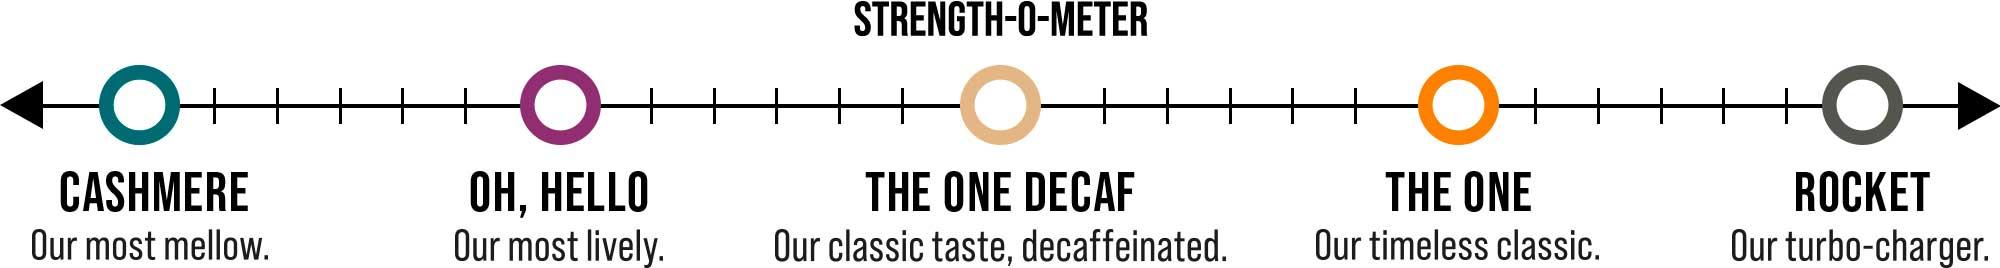 taste-o-meter